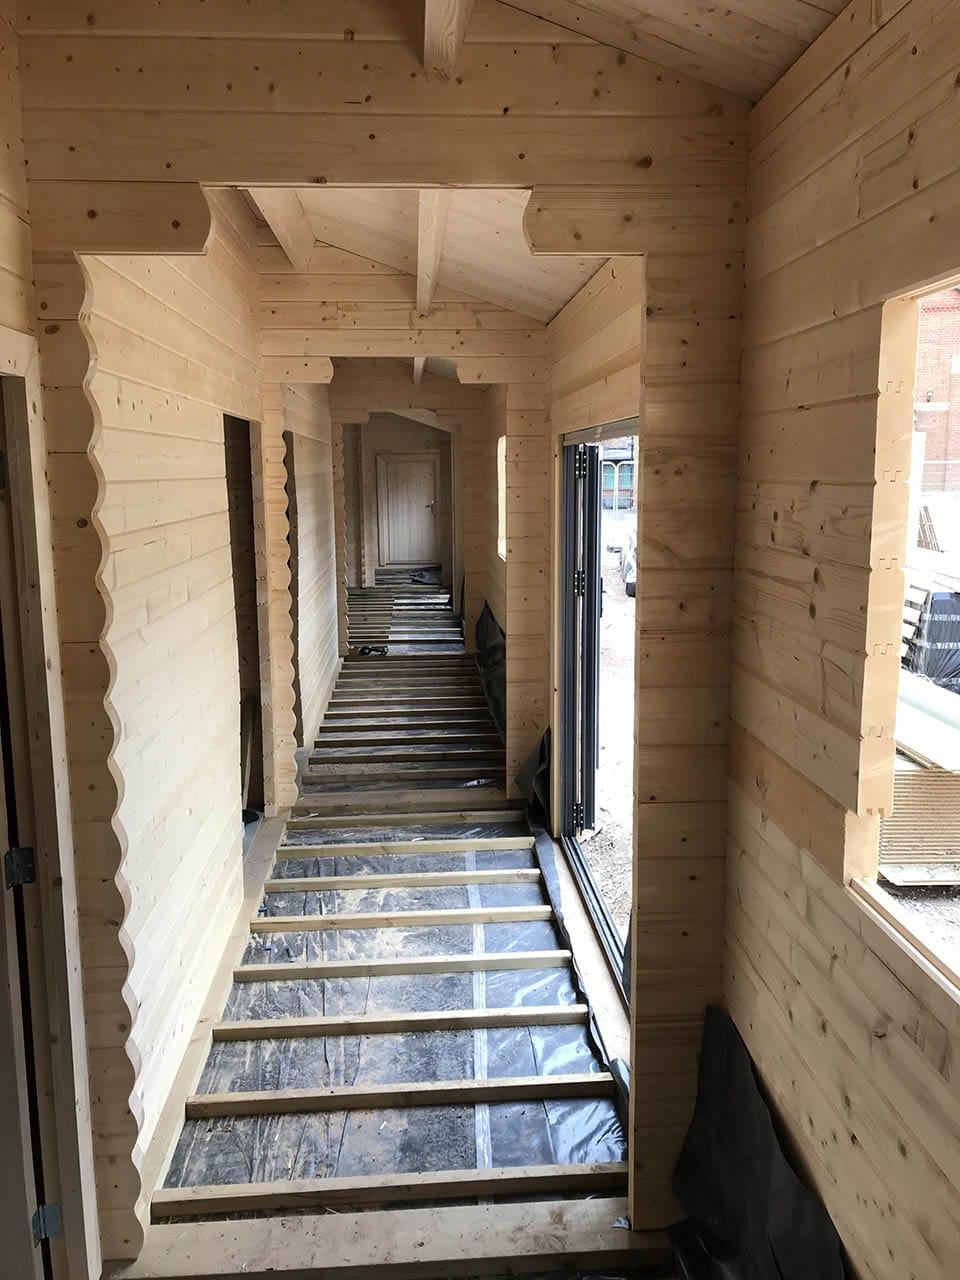 School building interior corridor